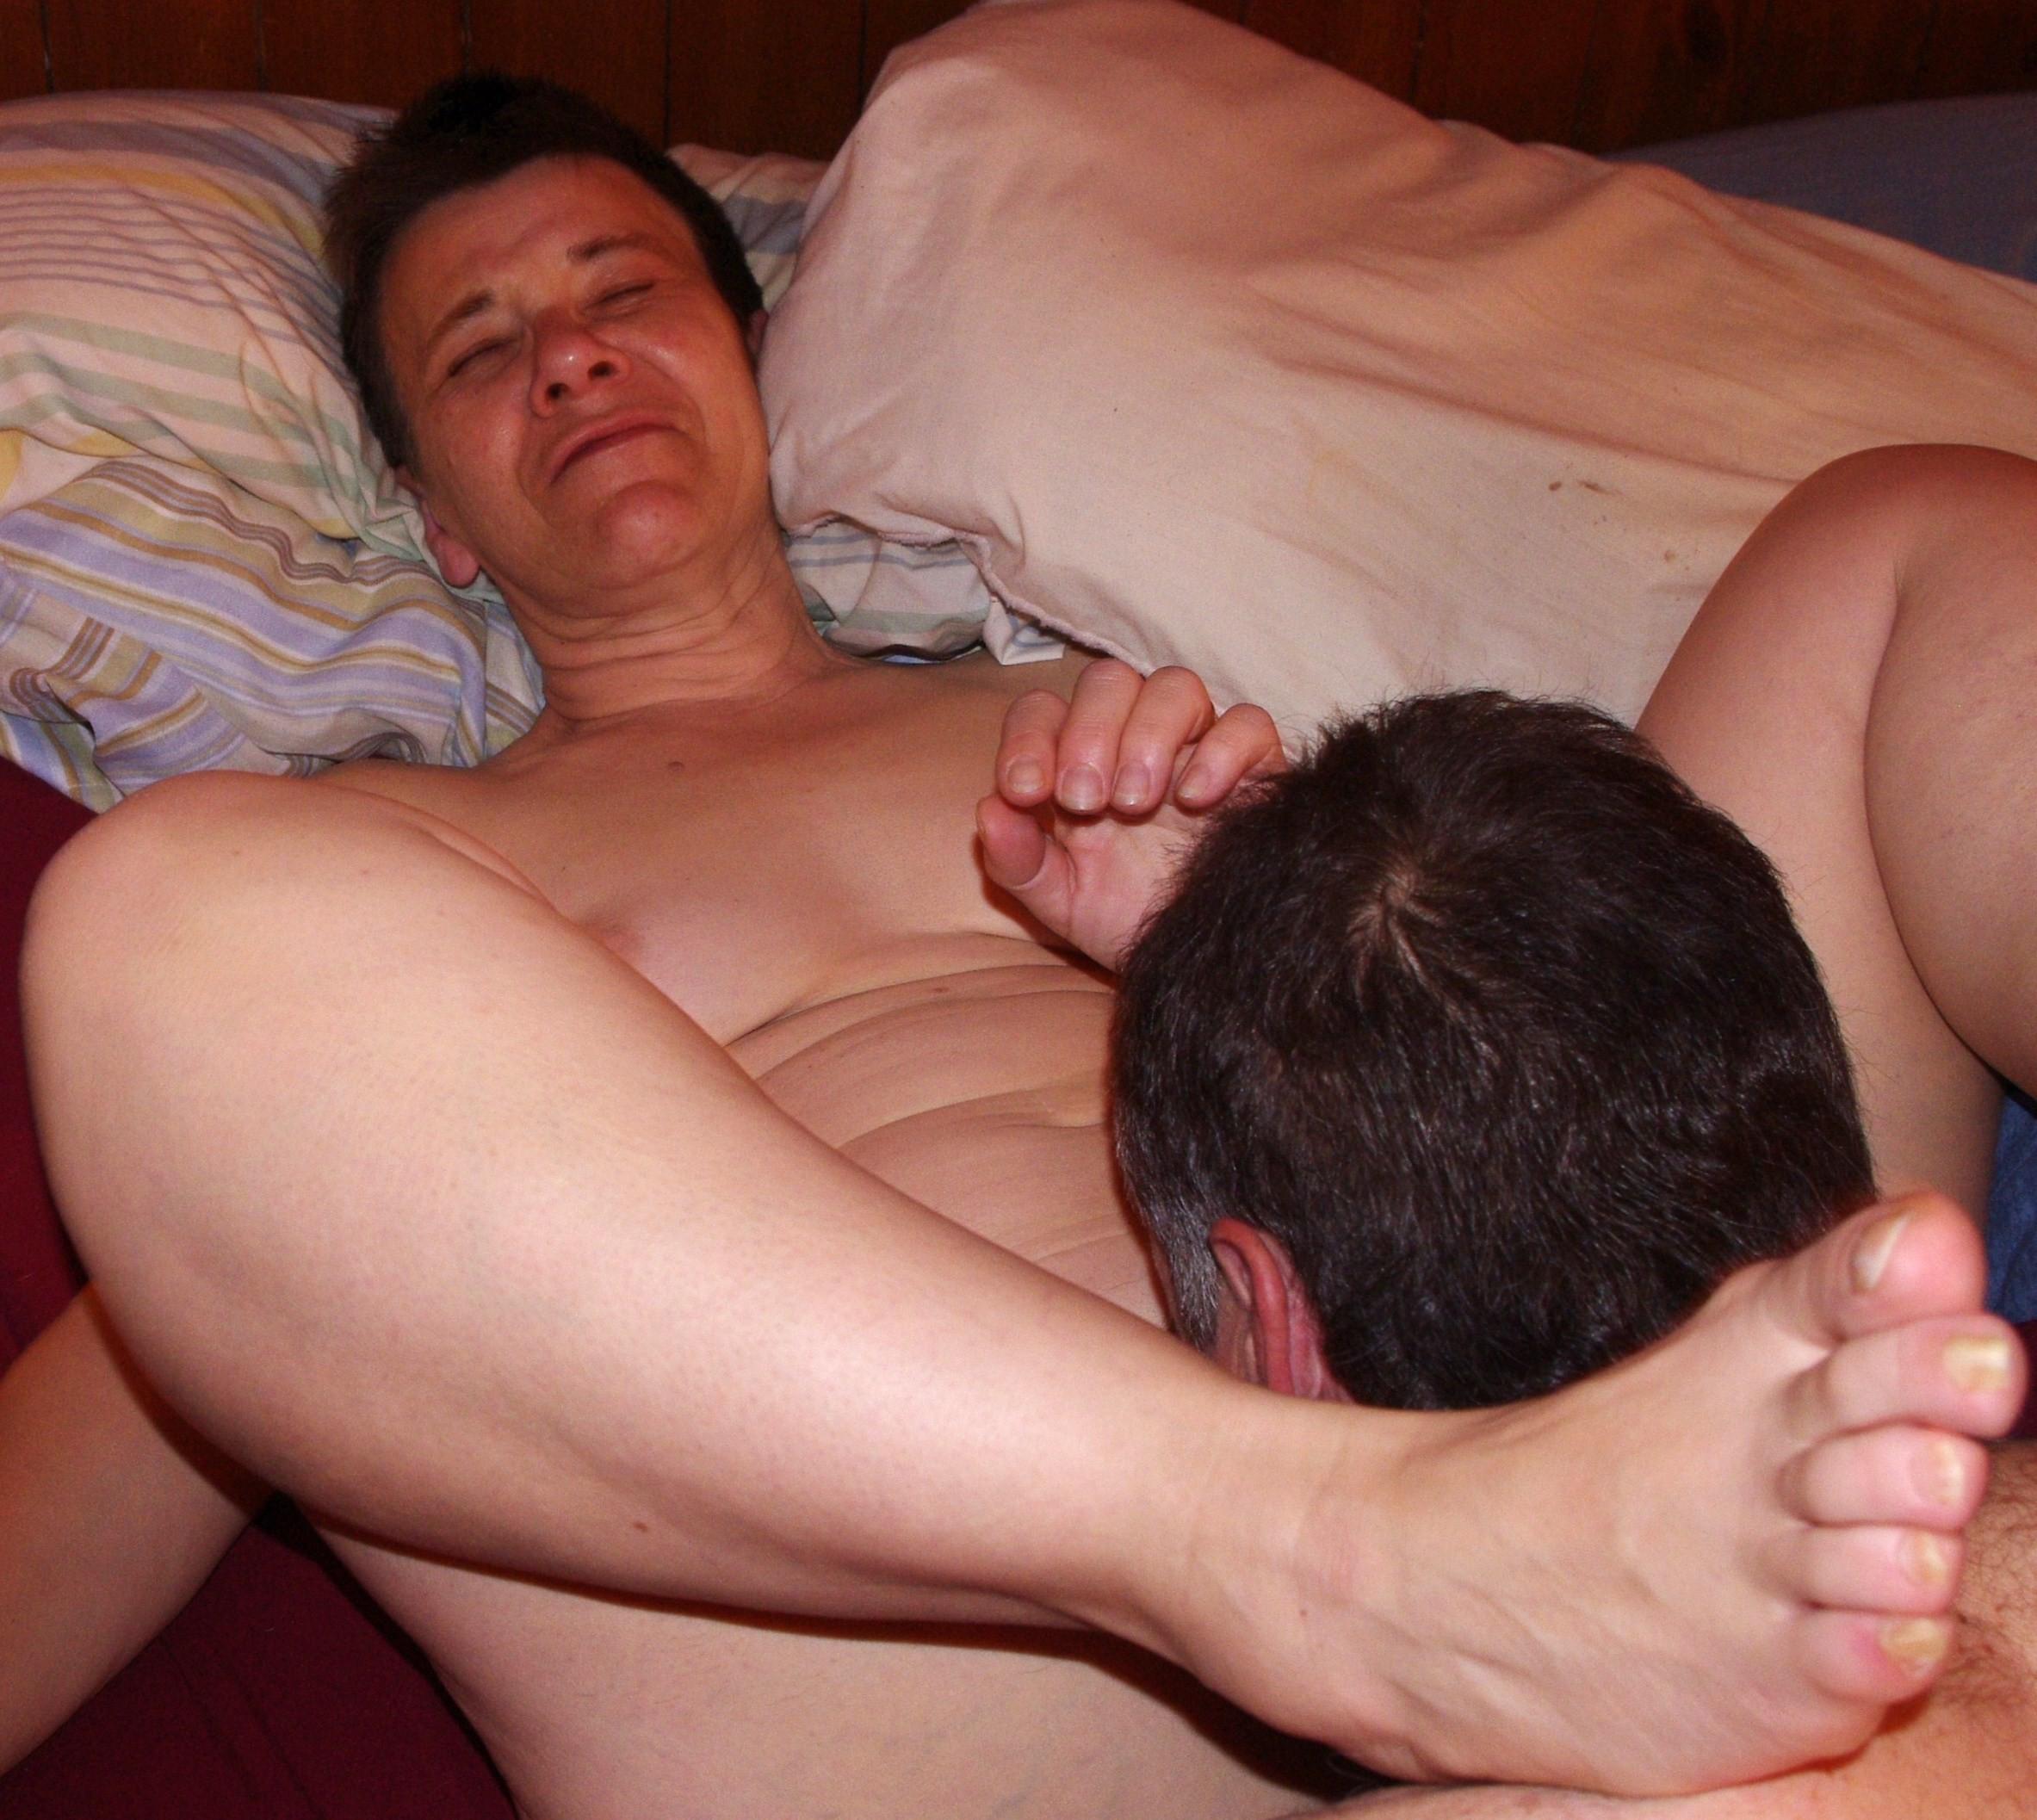 naked open legs boy